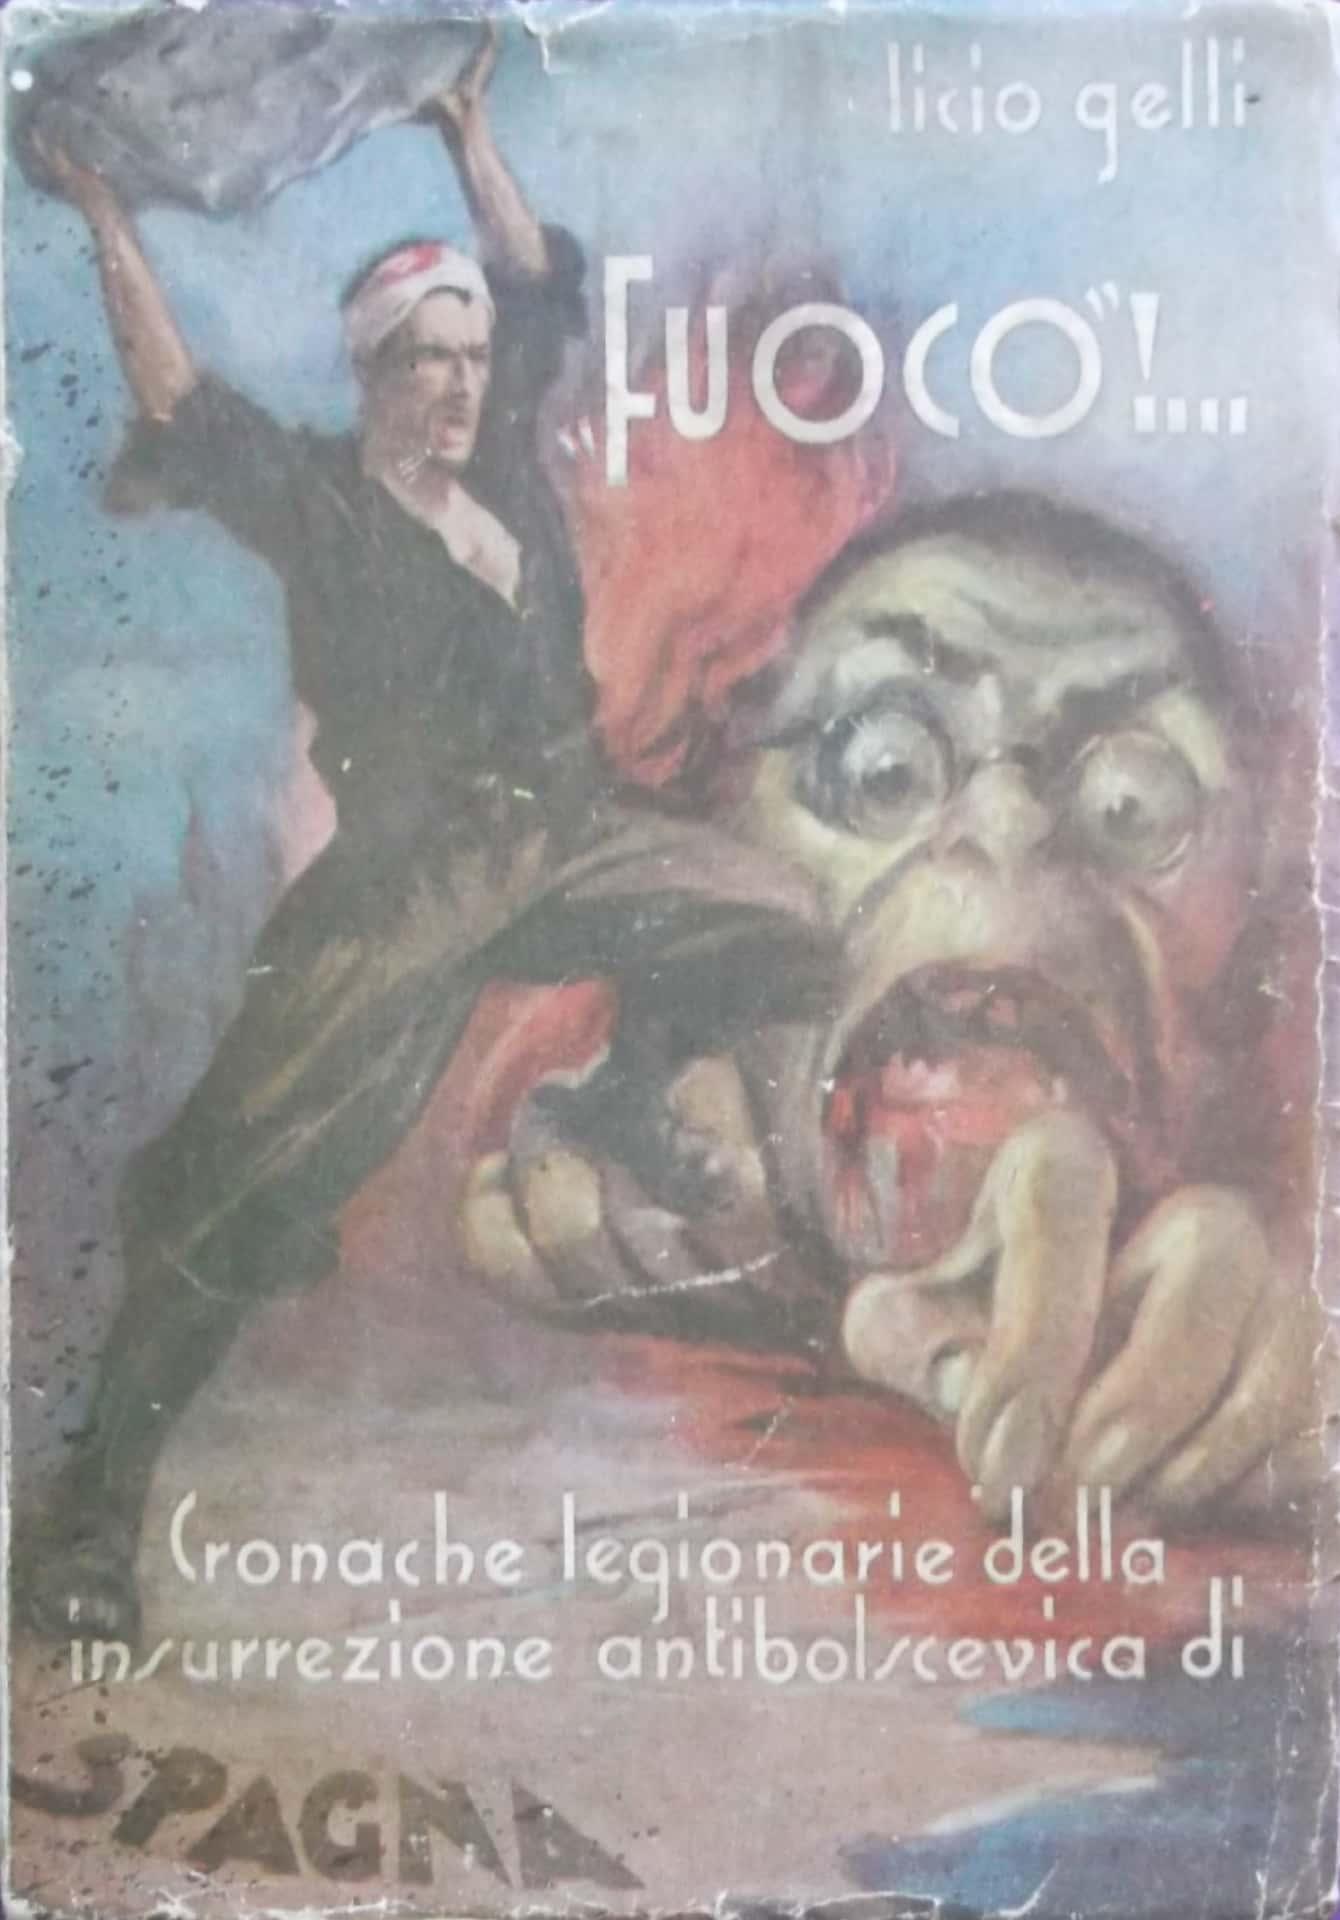 Fuoco! Il primo leggendario libro di Licio Gelli